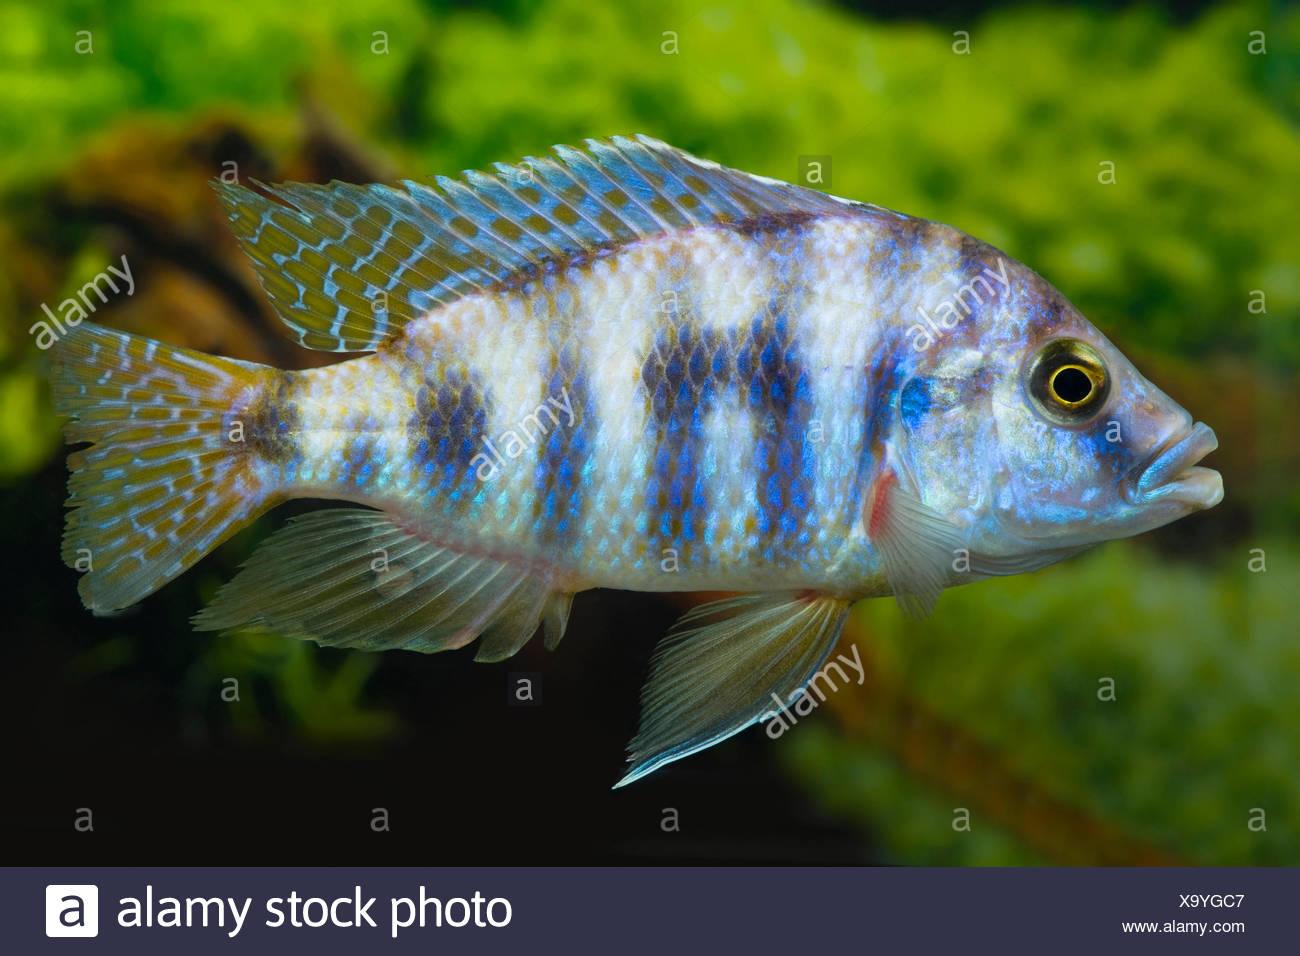 Milomobuntbarsch, Milomo-Buntbarsch (Placidochromis milomo), schwimmend | Thicklipps Malawi Cichlid (Placidochromis milomo), swi - Stock Image